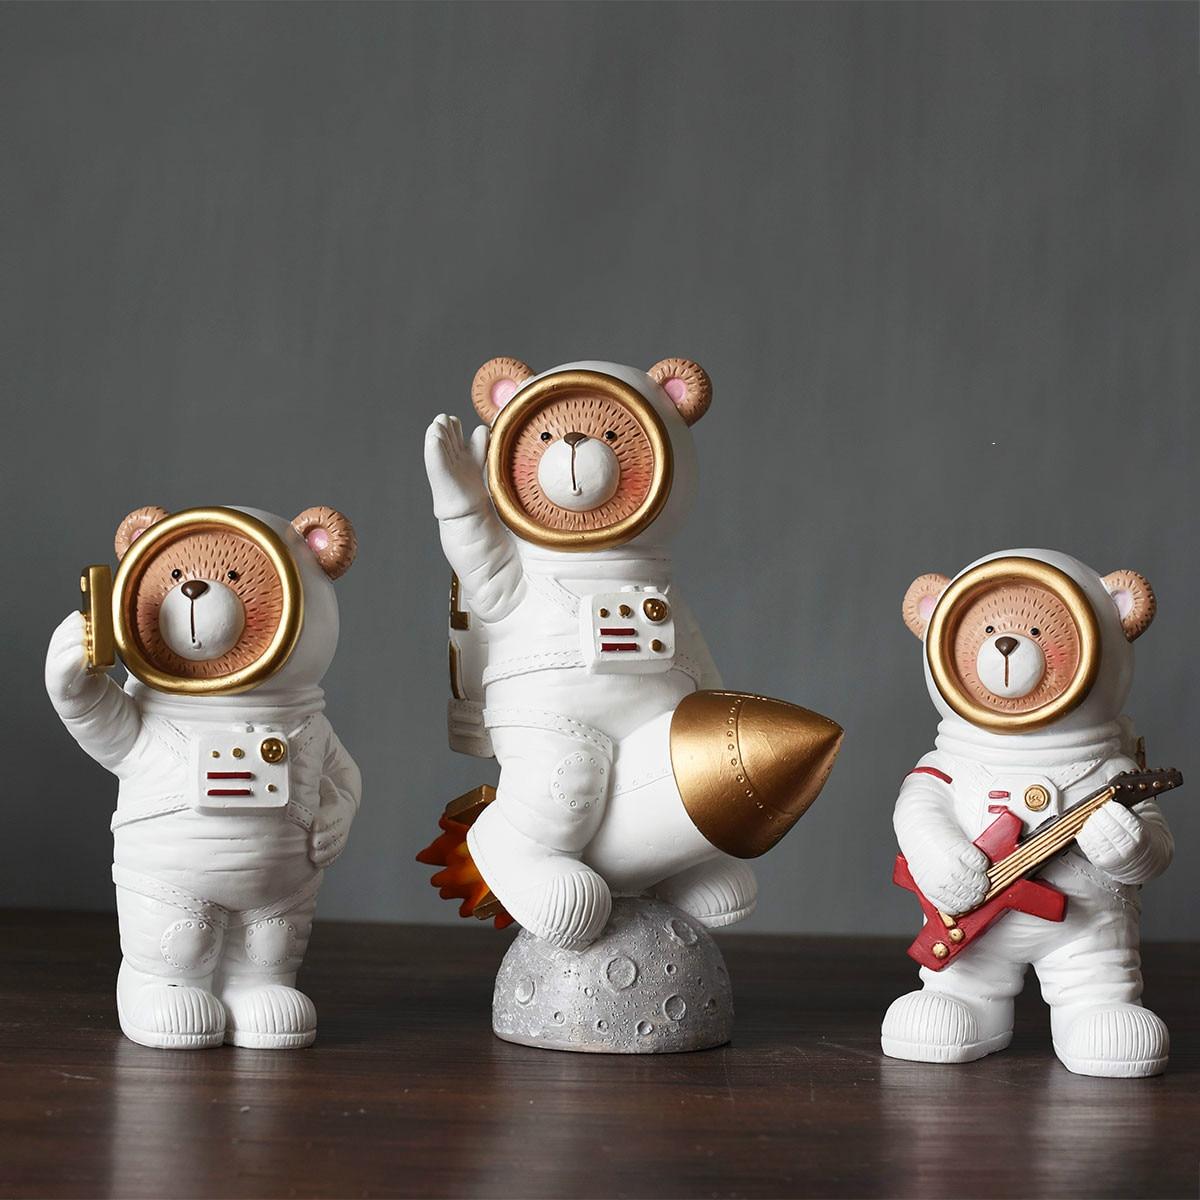 الفضاء الدب-رائد الفضاء حامل جوّال بلاستيكي المحمول ، الإبداع البسيط ، الهدايا الصغيرة ، التلفزيون ، خزانة الملابس ، غرفة النوم ، ديكور المن...